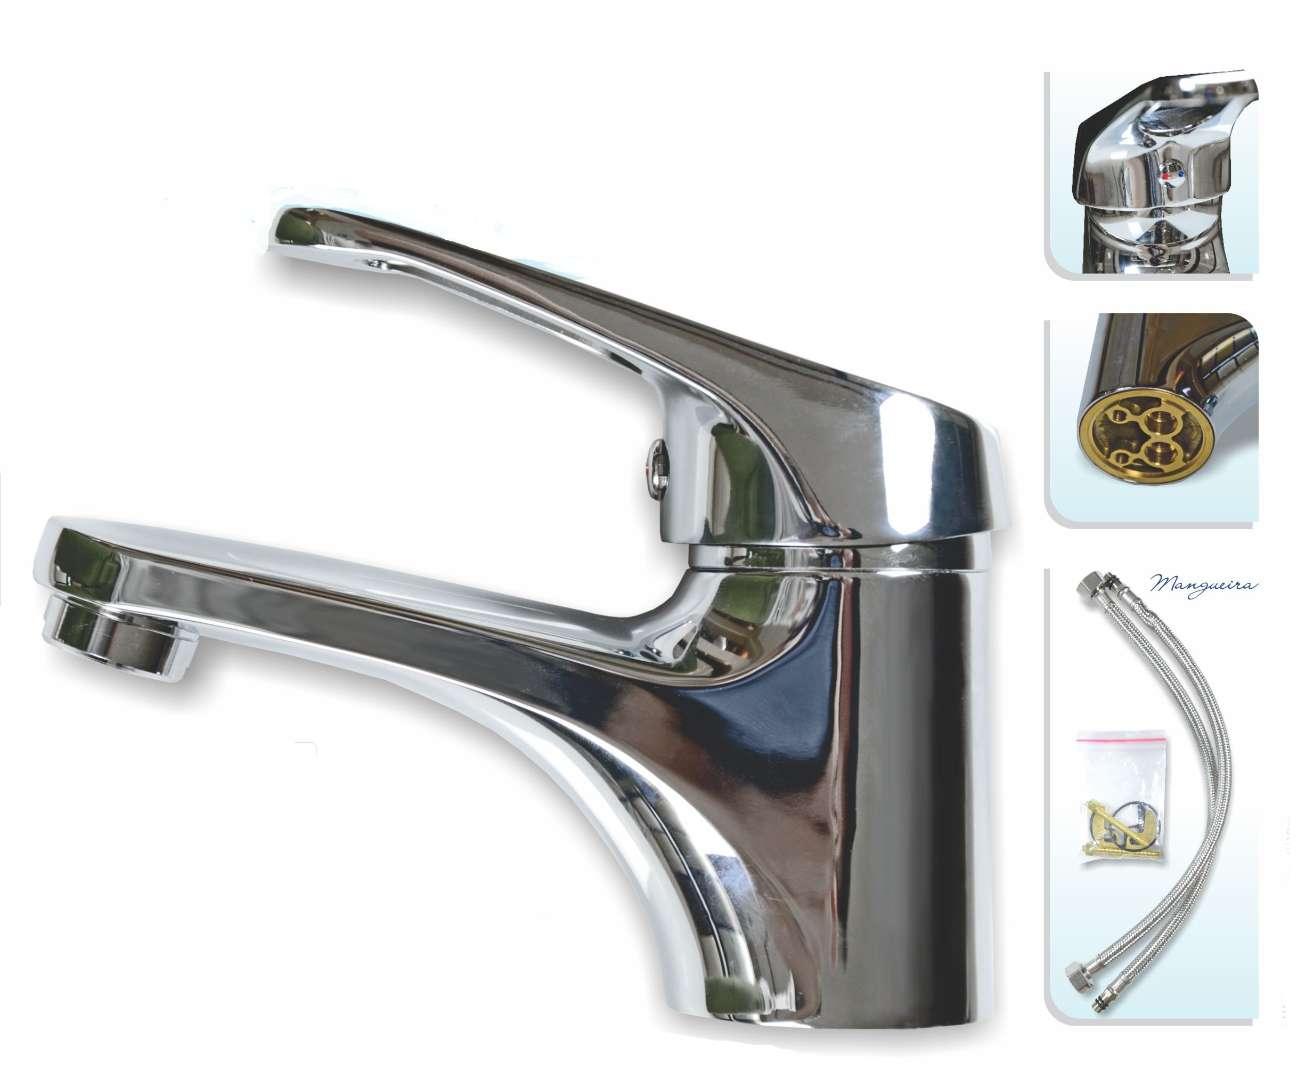 Torneira Monocomando Misturador  para Banheiro Mesa Metal Baixa